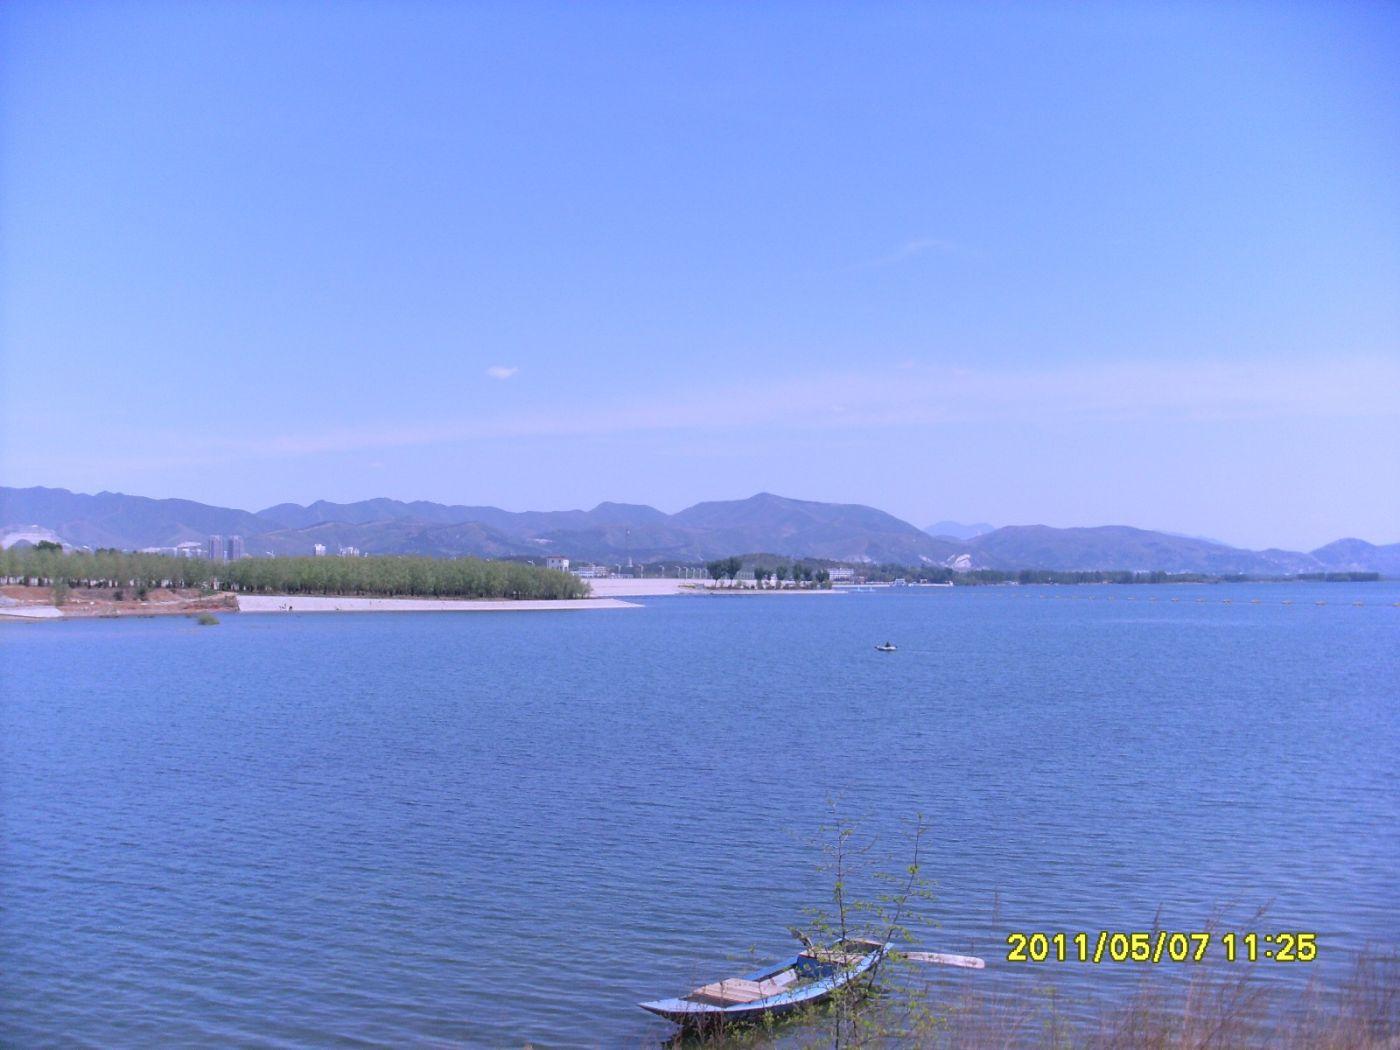 昔日于桥水库鱼香_图1-1